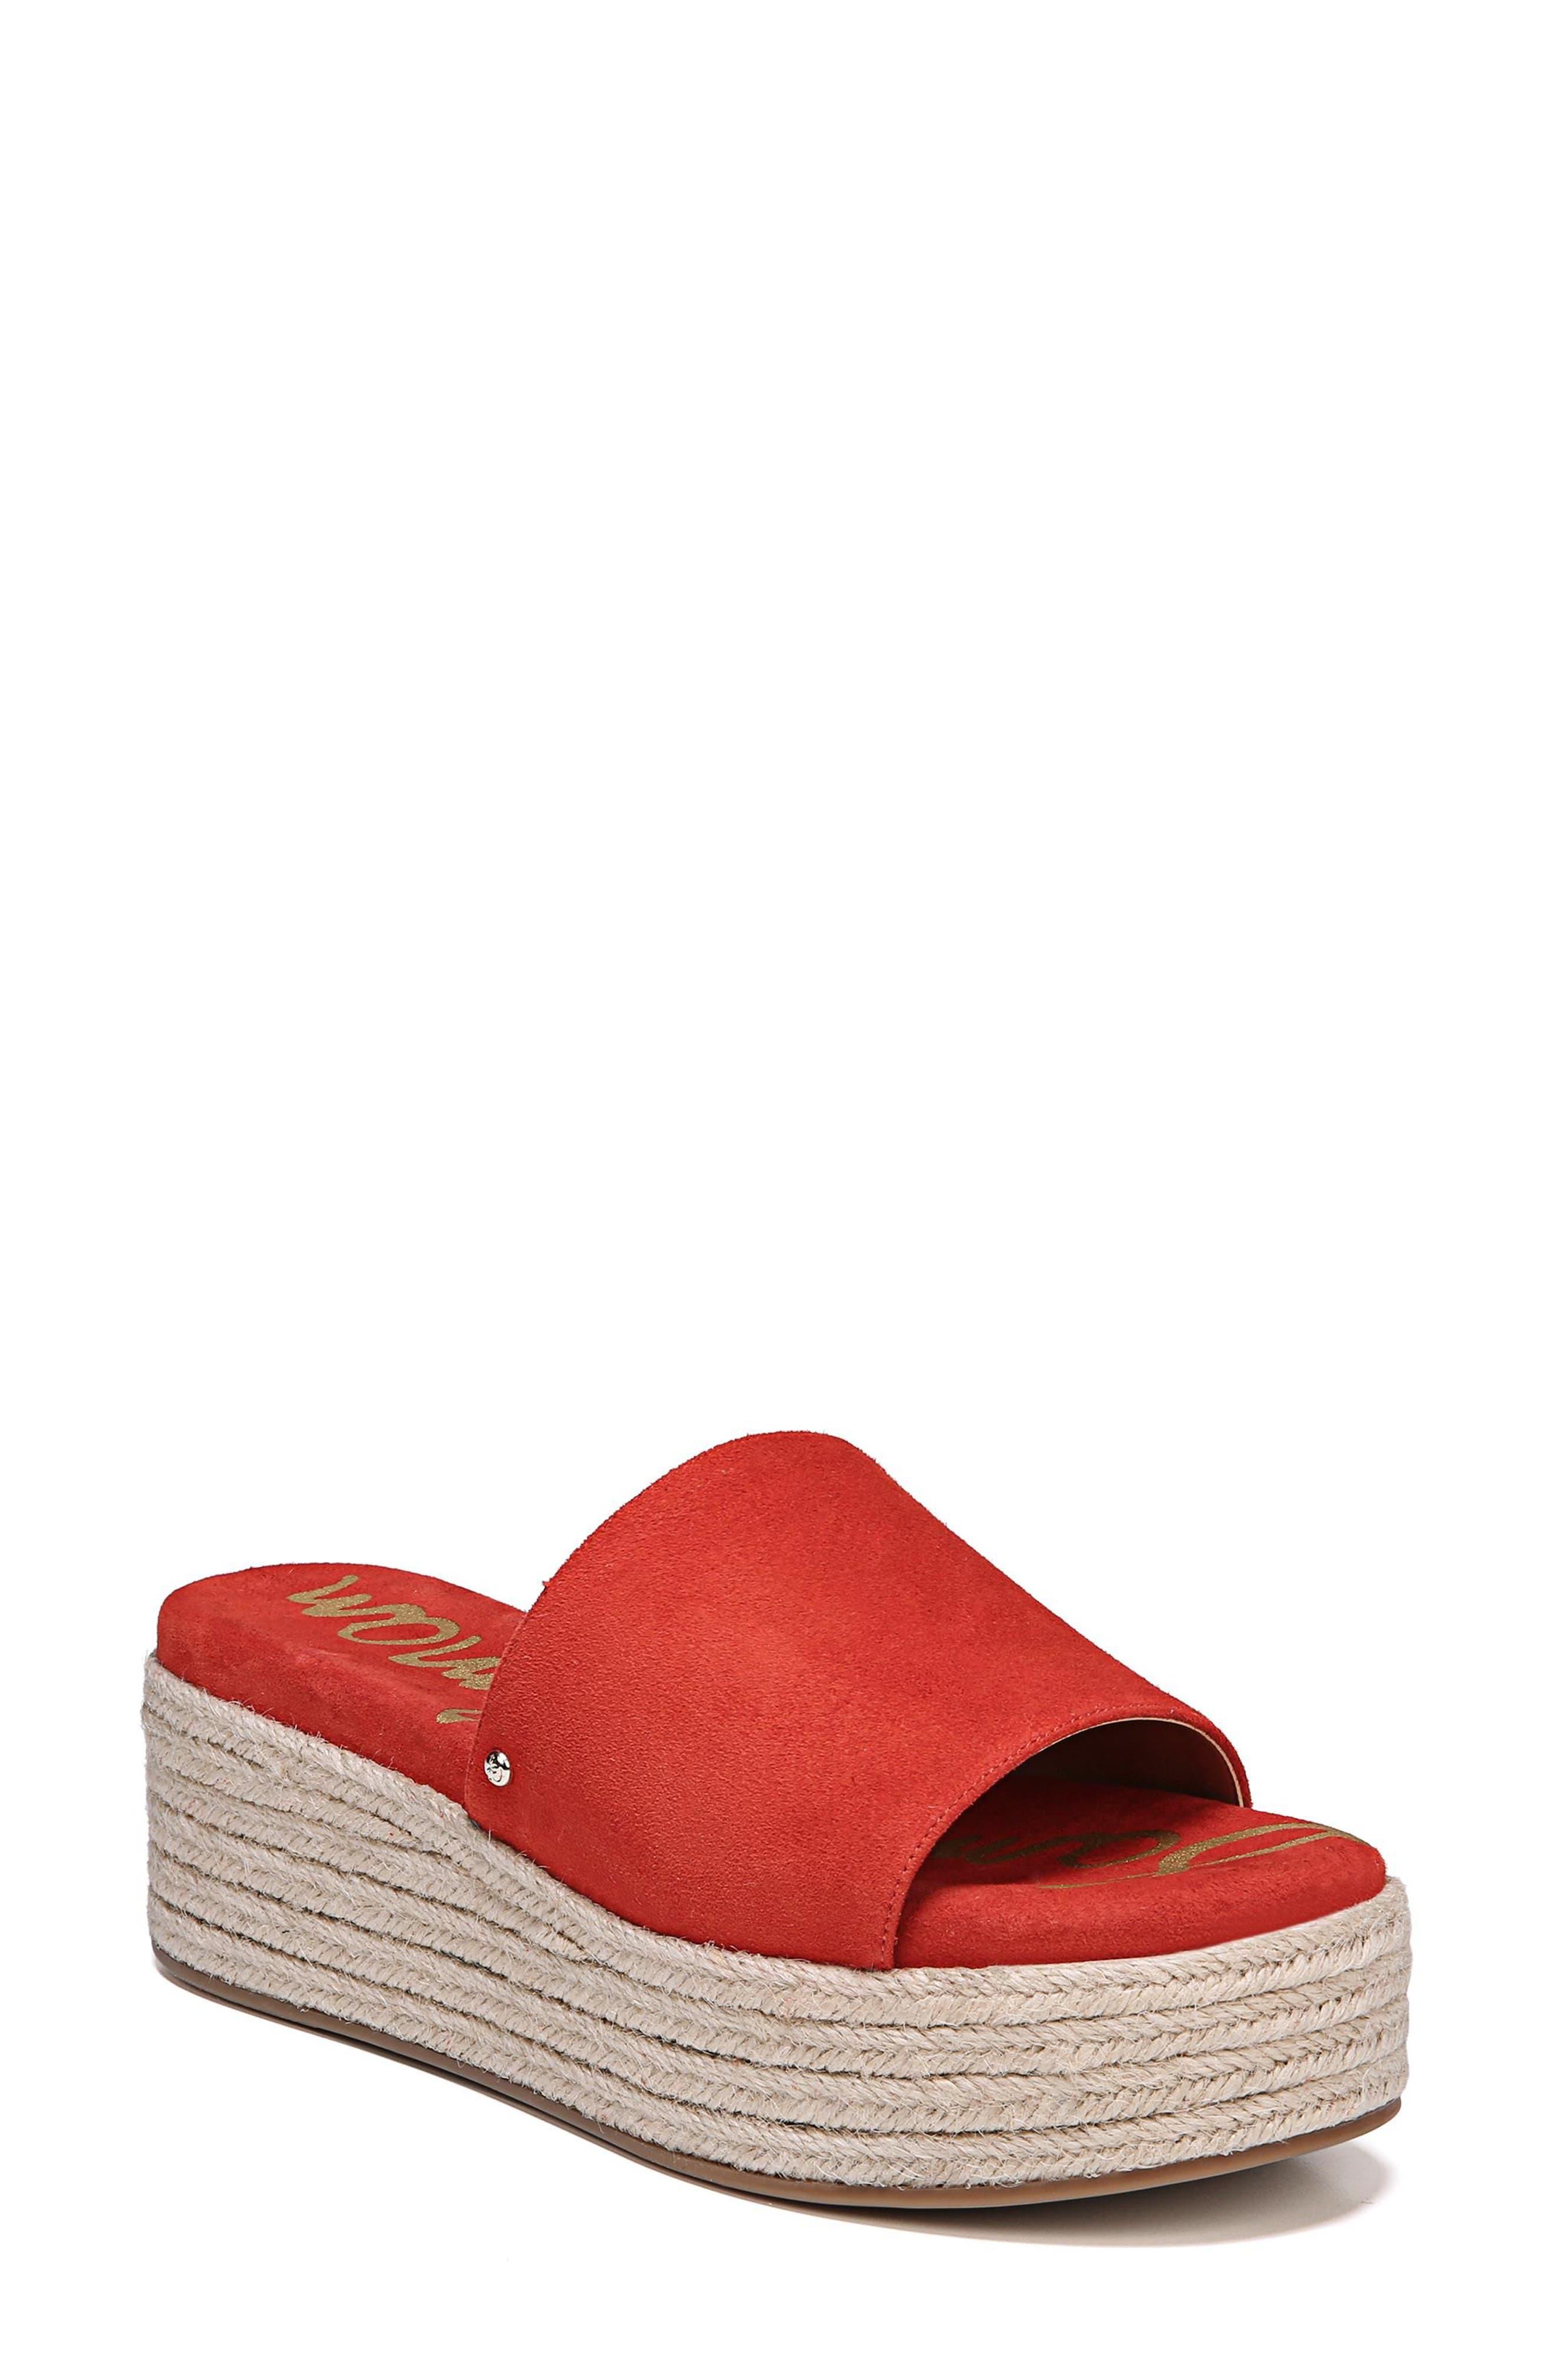 Weslee Platform Slide Sandal,                         Main,                         color, Candy Red Suede